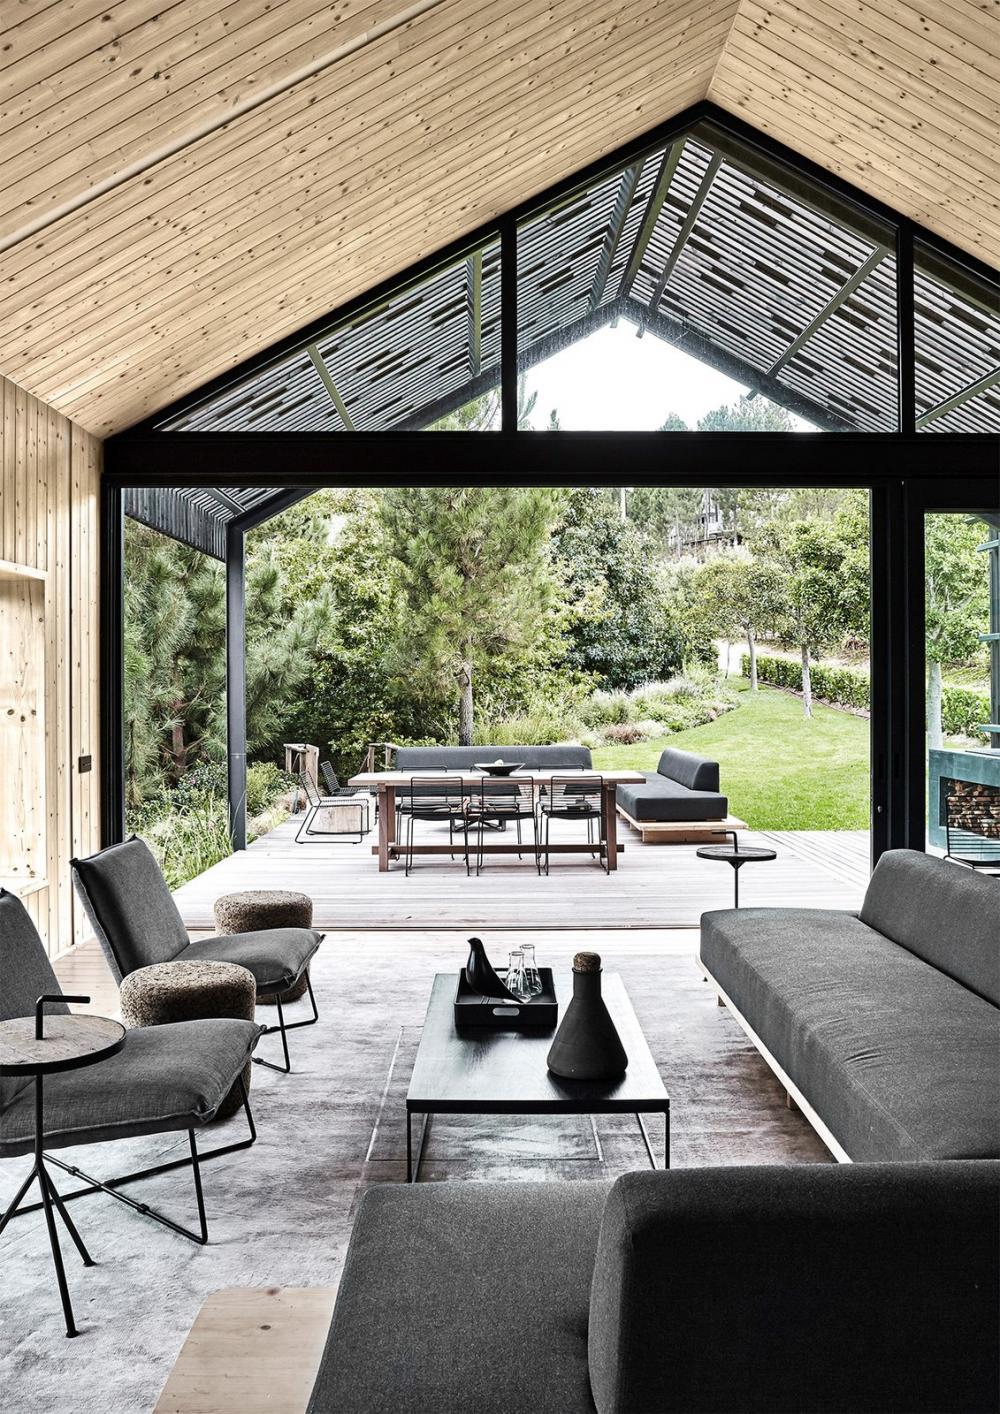 Scott lựa chọn đồ nội thất thấp để tăng thêm cảm giác về không gian, khiến ngôi nhà trở nên cao và thoáng hơn